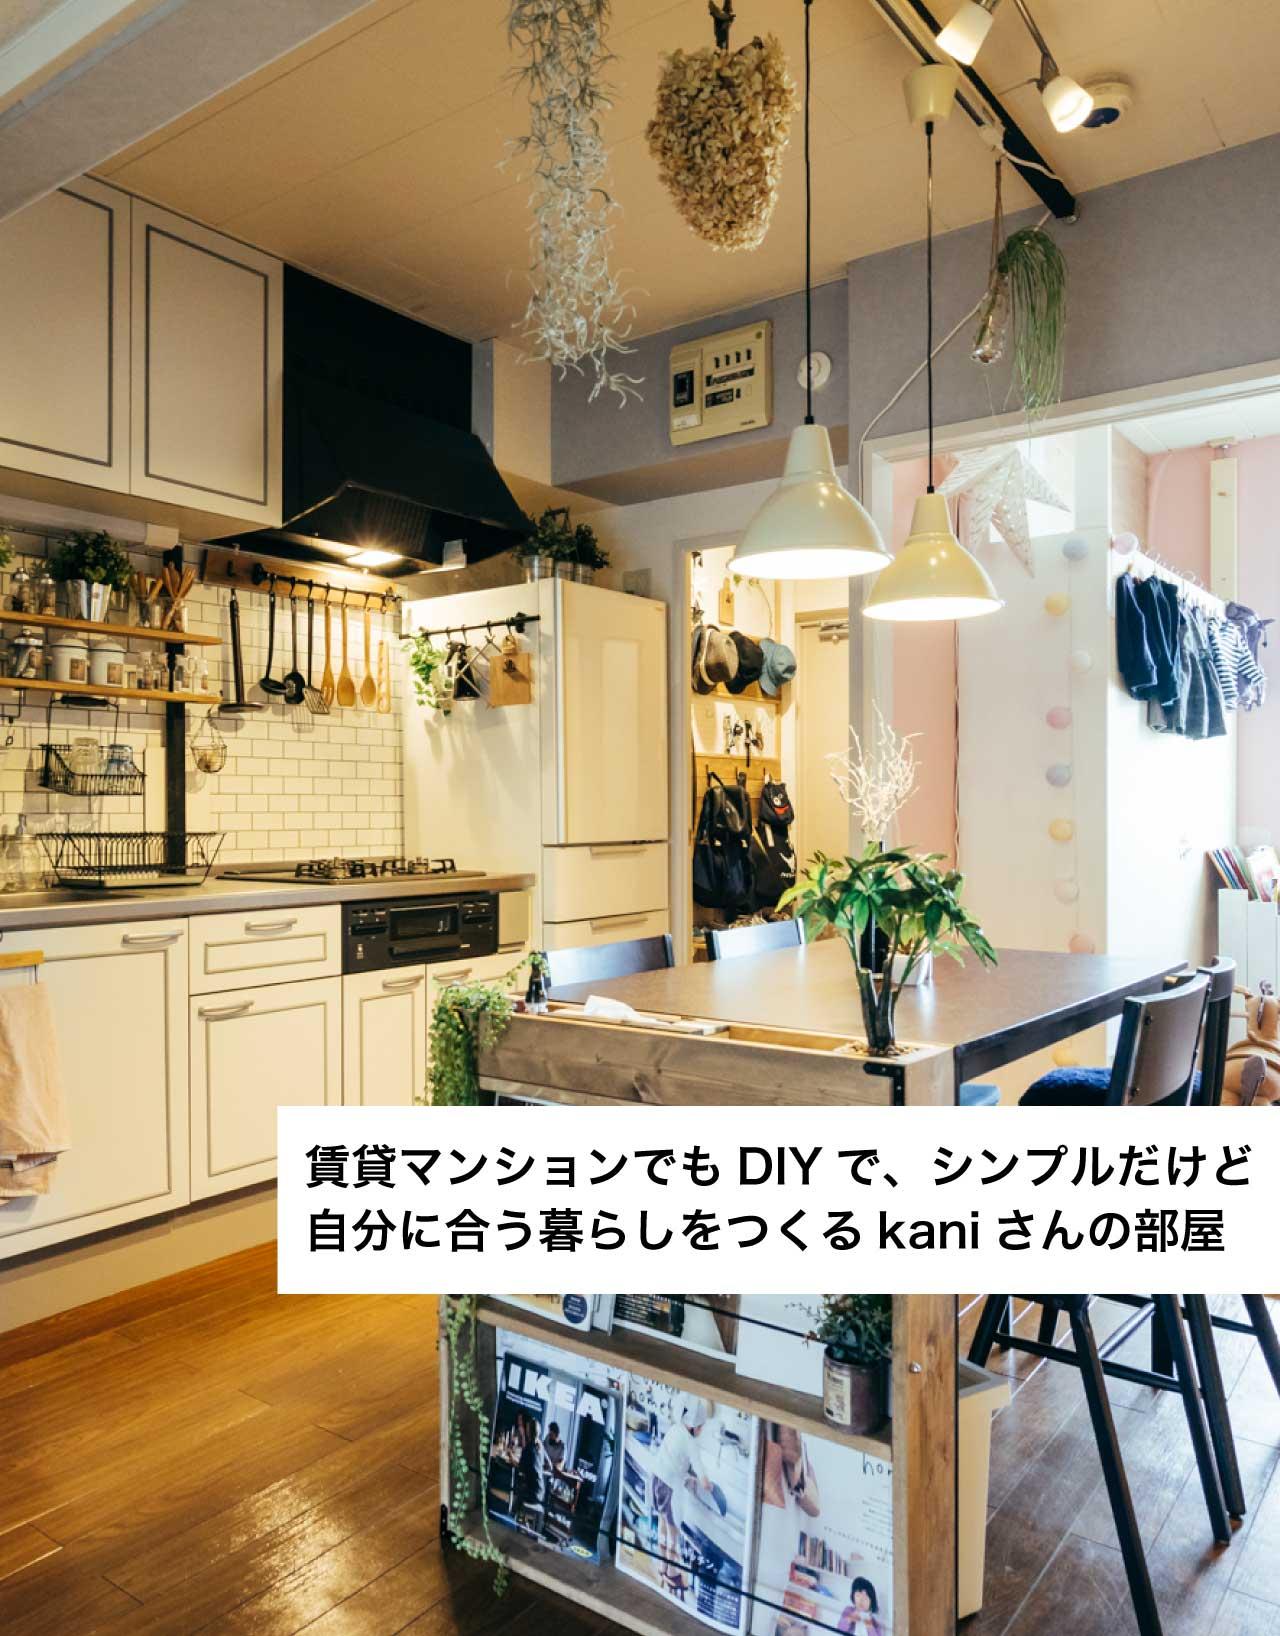 賃貸マンションでもDIYで、シンプルだけど自分に合う暮らしをつくるkaniさんの部屋